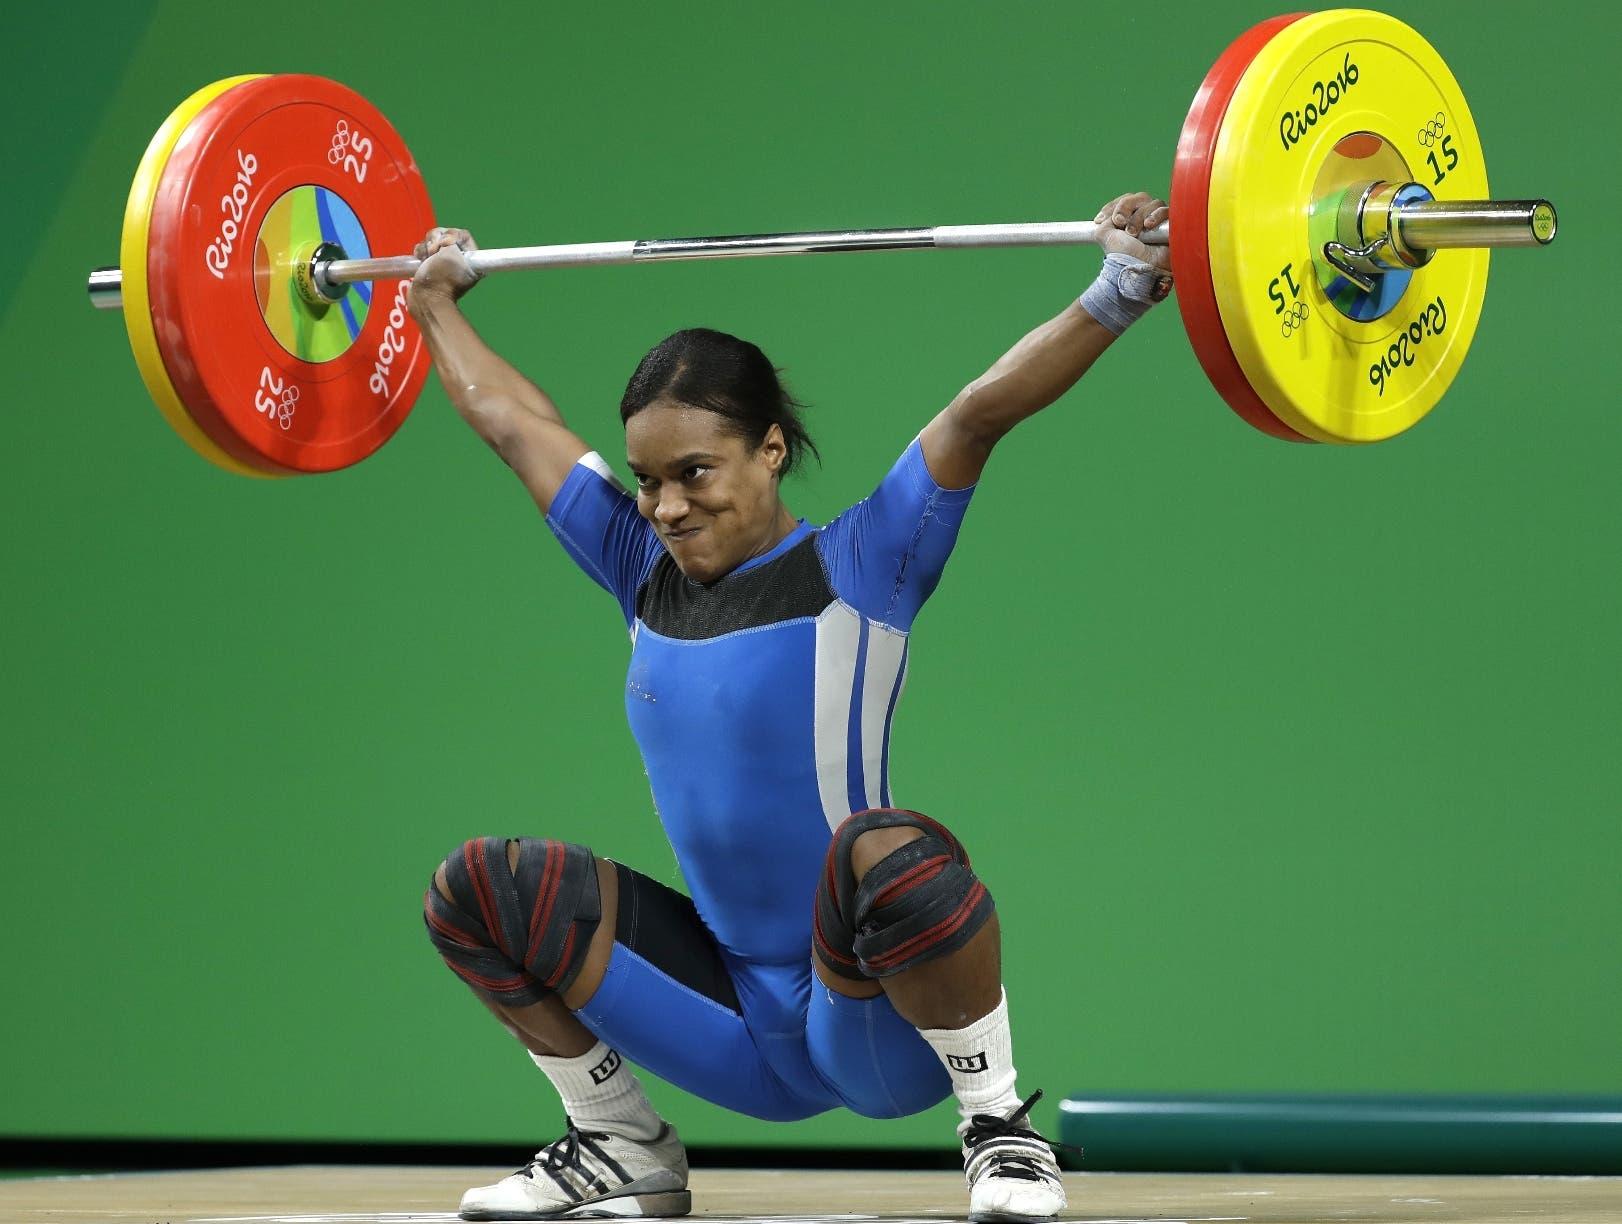 Yuderqui Contreras ejecuta un movimiento durante su brillante carrera en un evento de pesas.